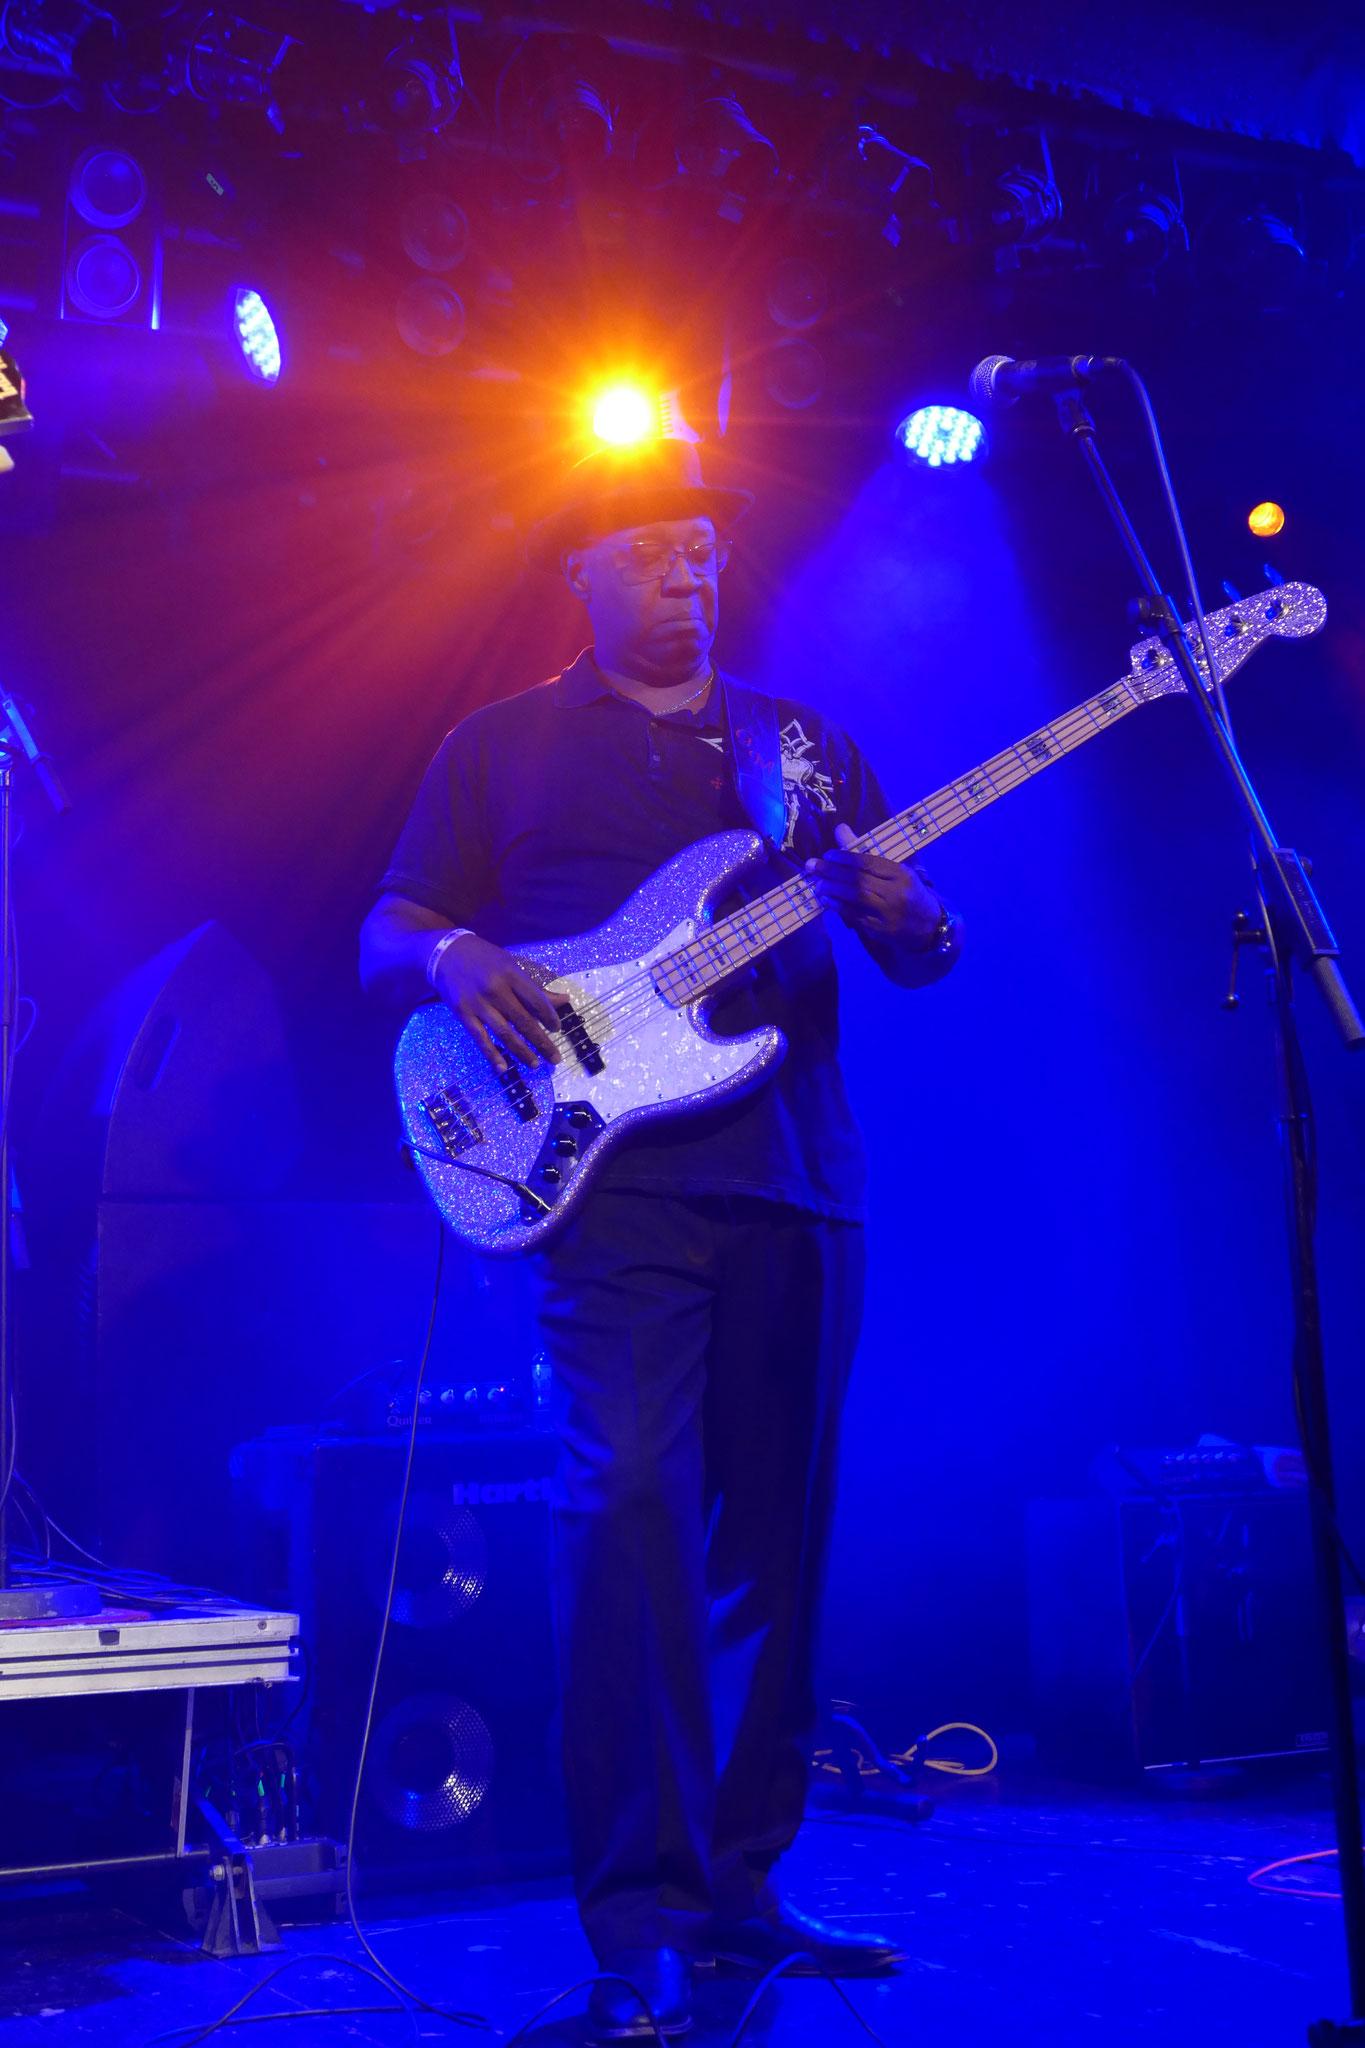 Bernard Allison & Band